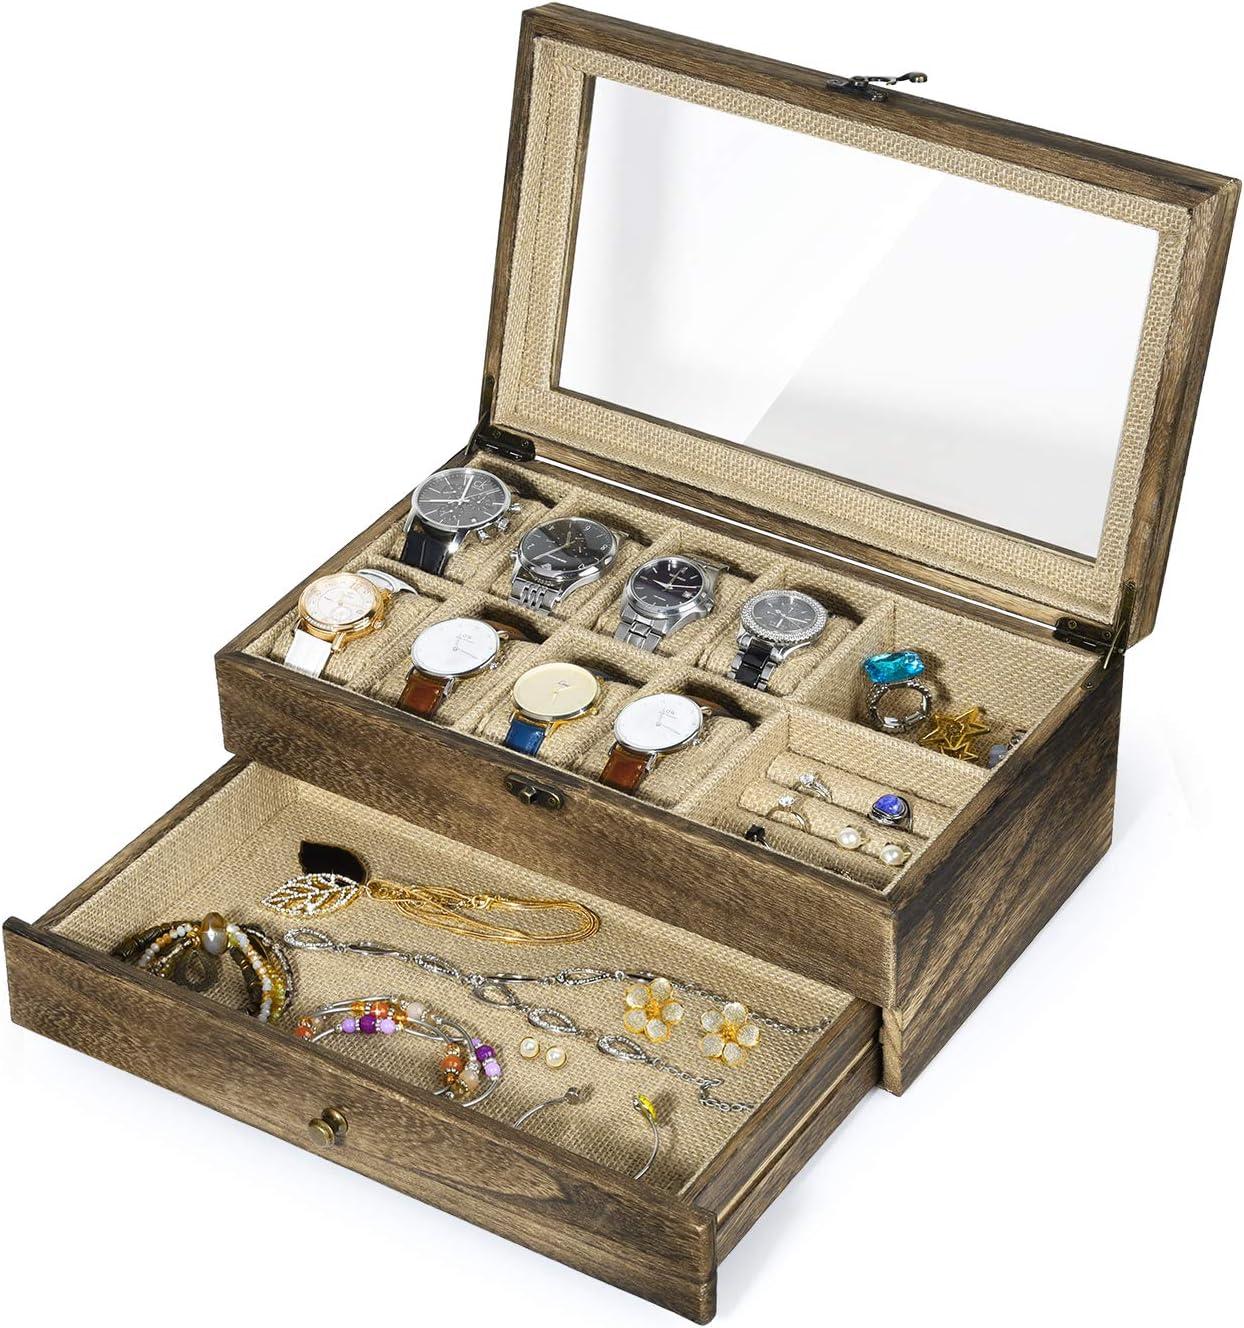 RooLee Caja organizadora de relojes de madera, caja rústica para joyas con parte superior de cristal real, cierre de metal, 10 ranuras y 8 almohadas extraíbles para relojes: Amazon.es: Hogar